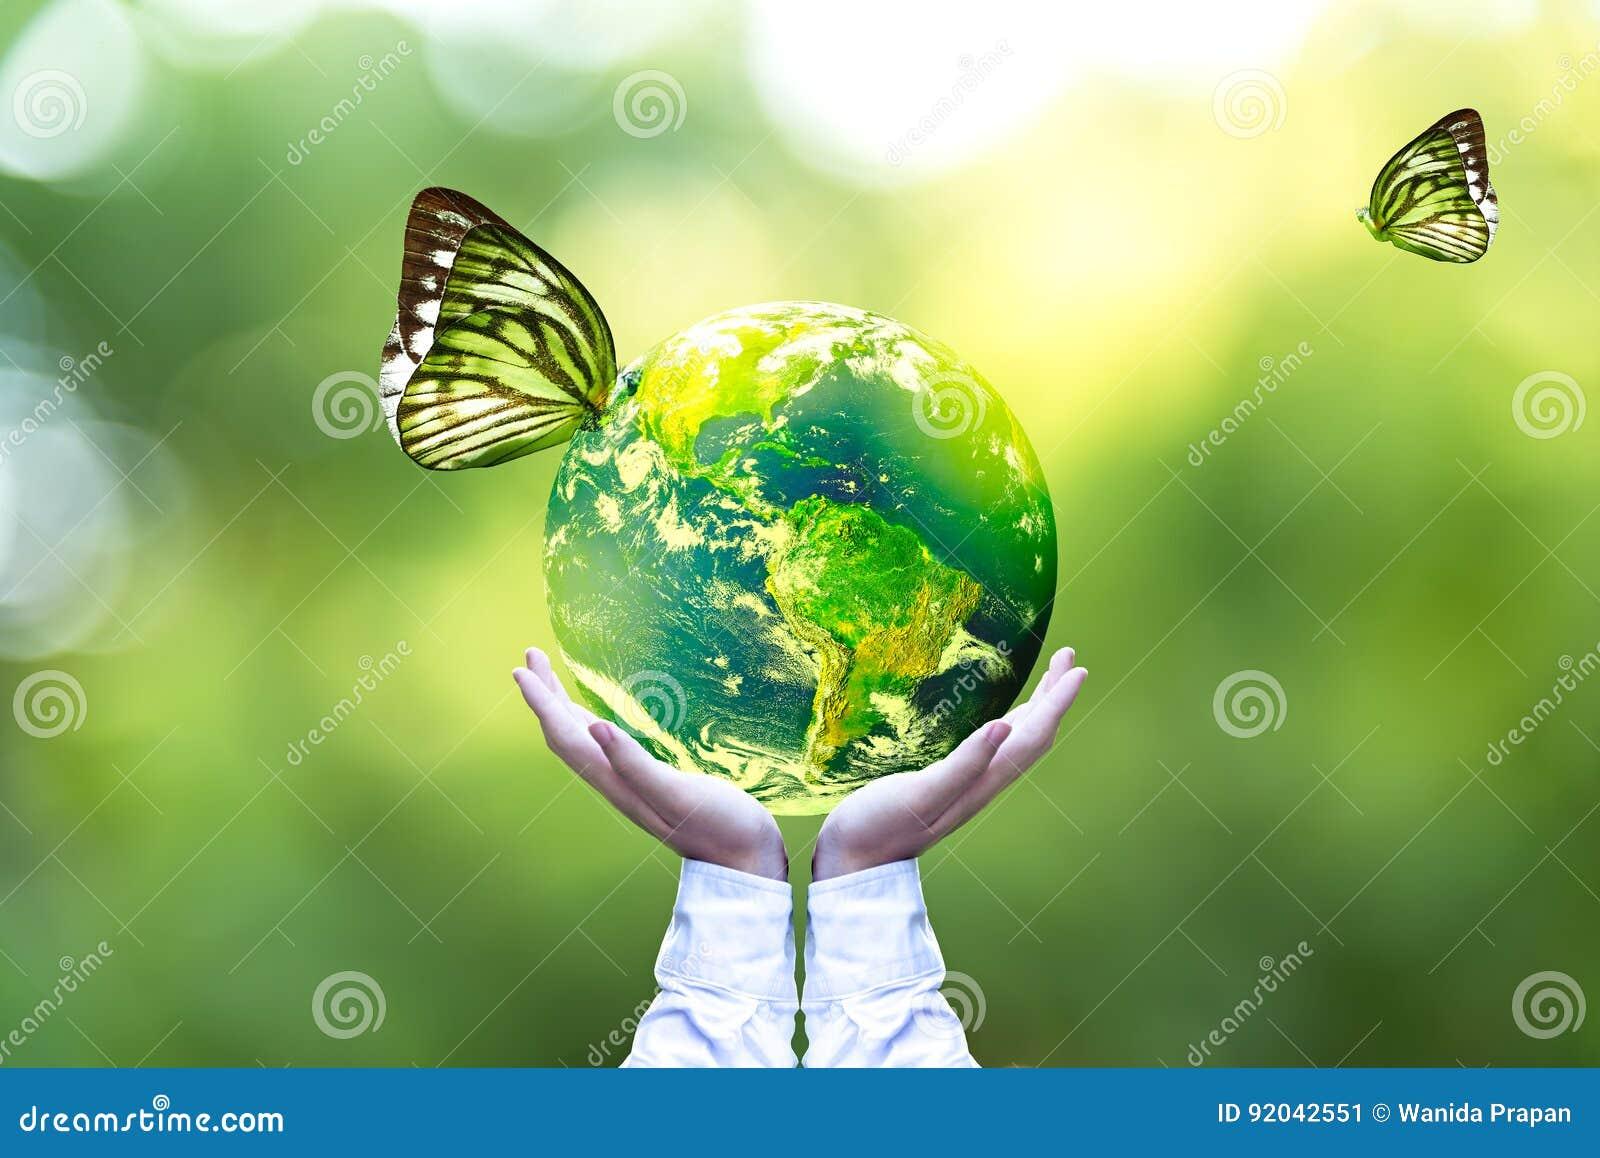 绿色世界和蝴蝶在人手,绿色背景上